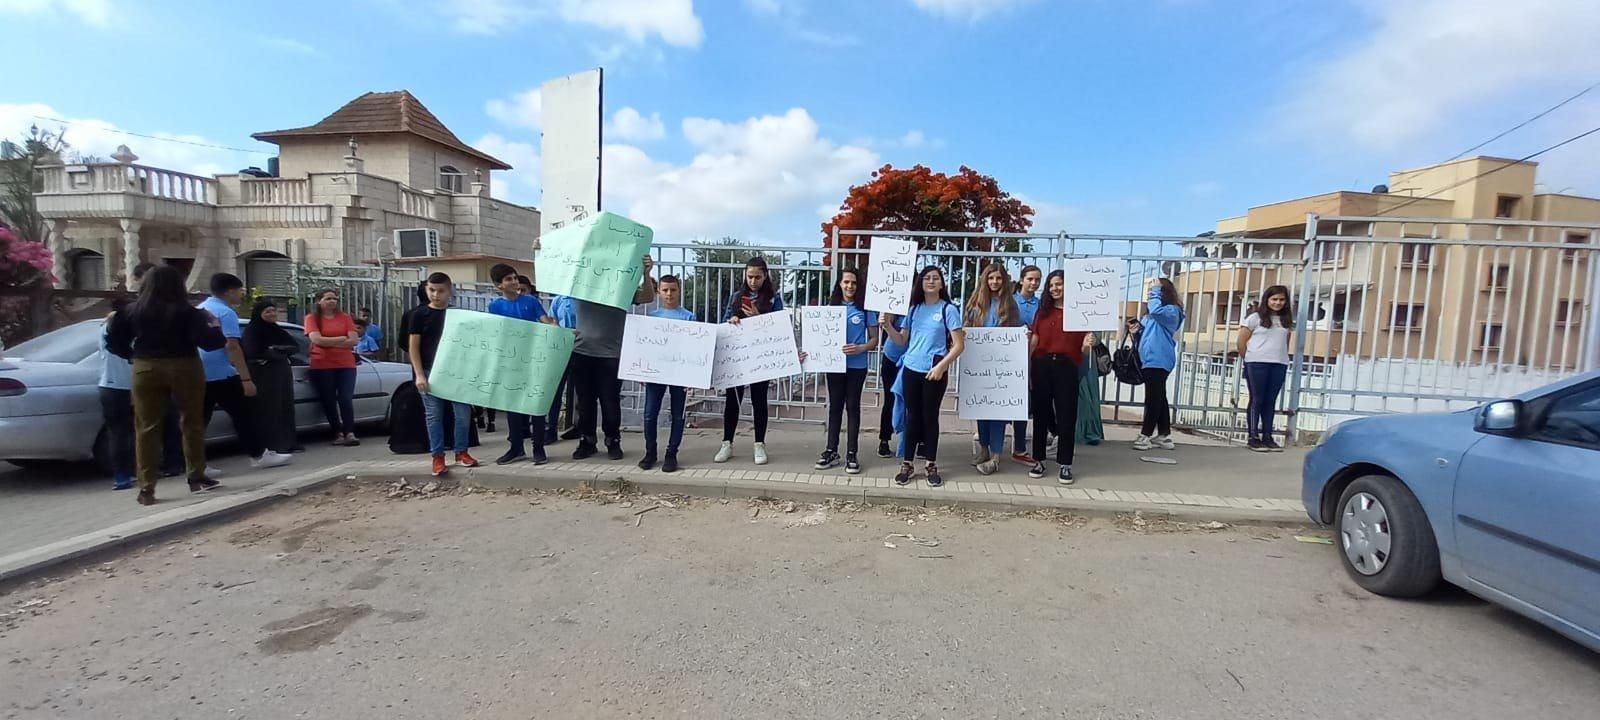 اعتداء على مدرسة في الطيبة والطلاب يتظاهرون-6